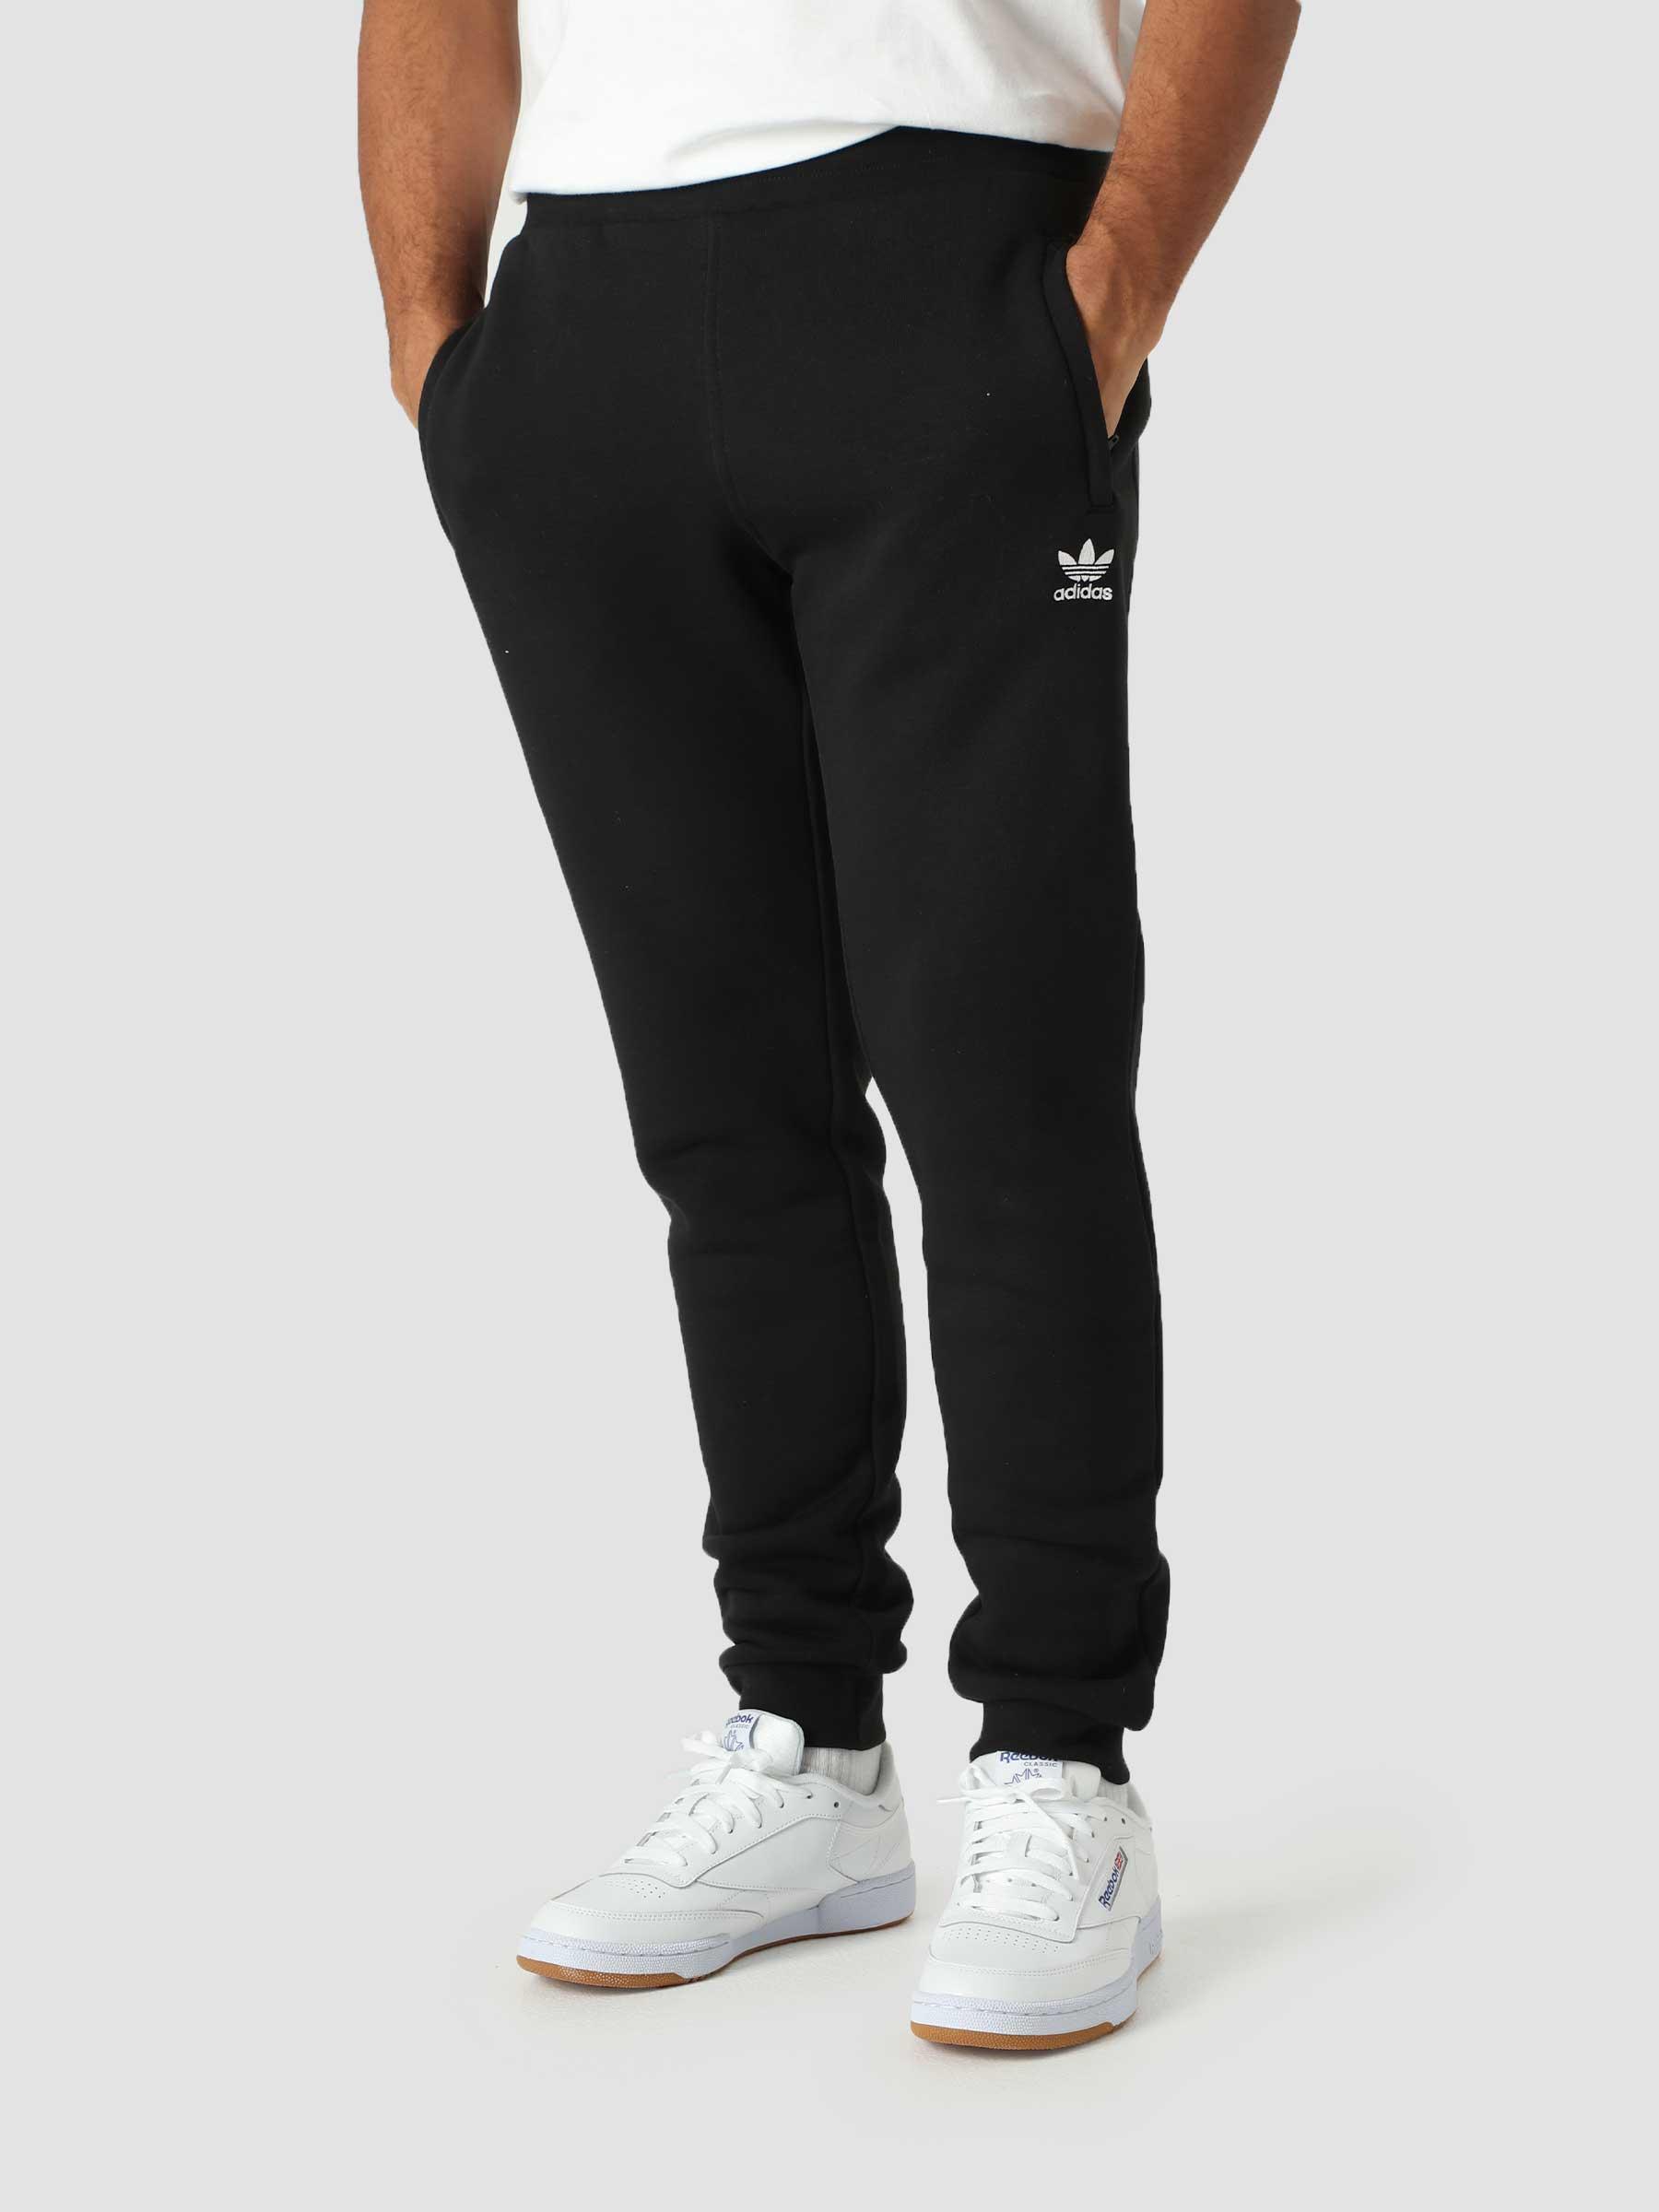 Essentials Pant Black H34657